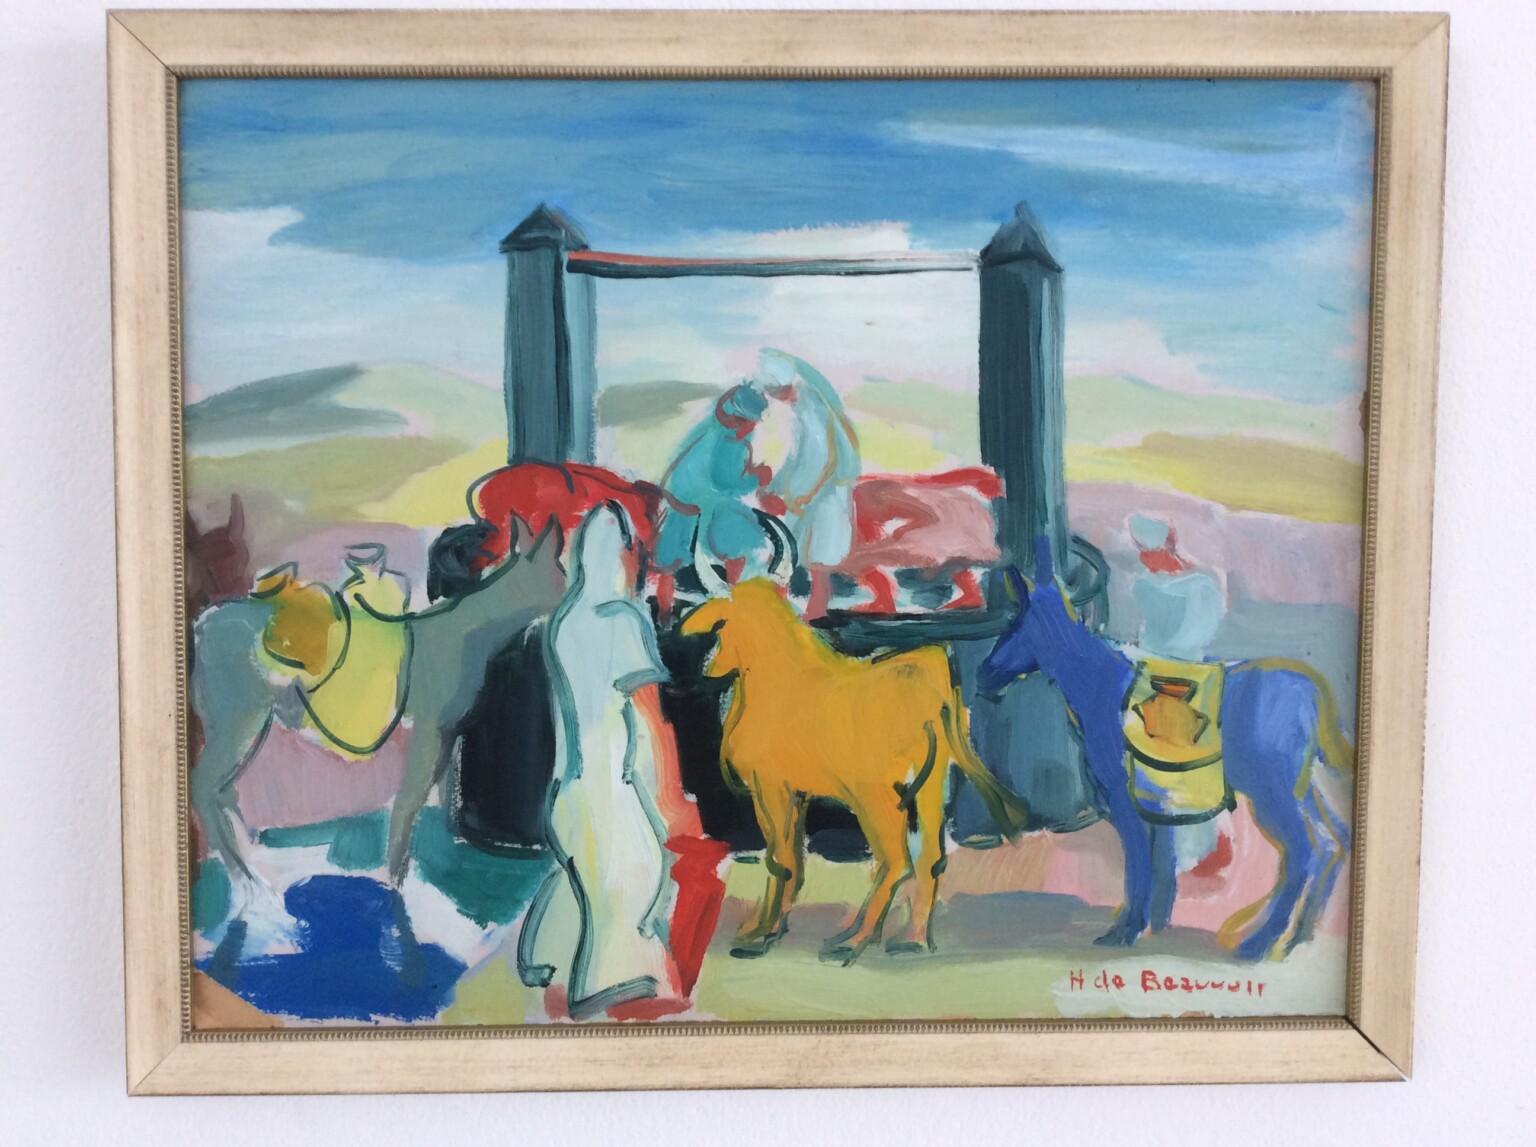 Bild des Werkes mit dem Titel: Au puits (Am Brunnen)